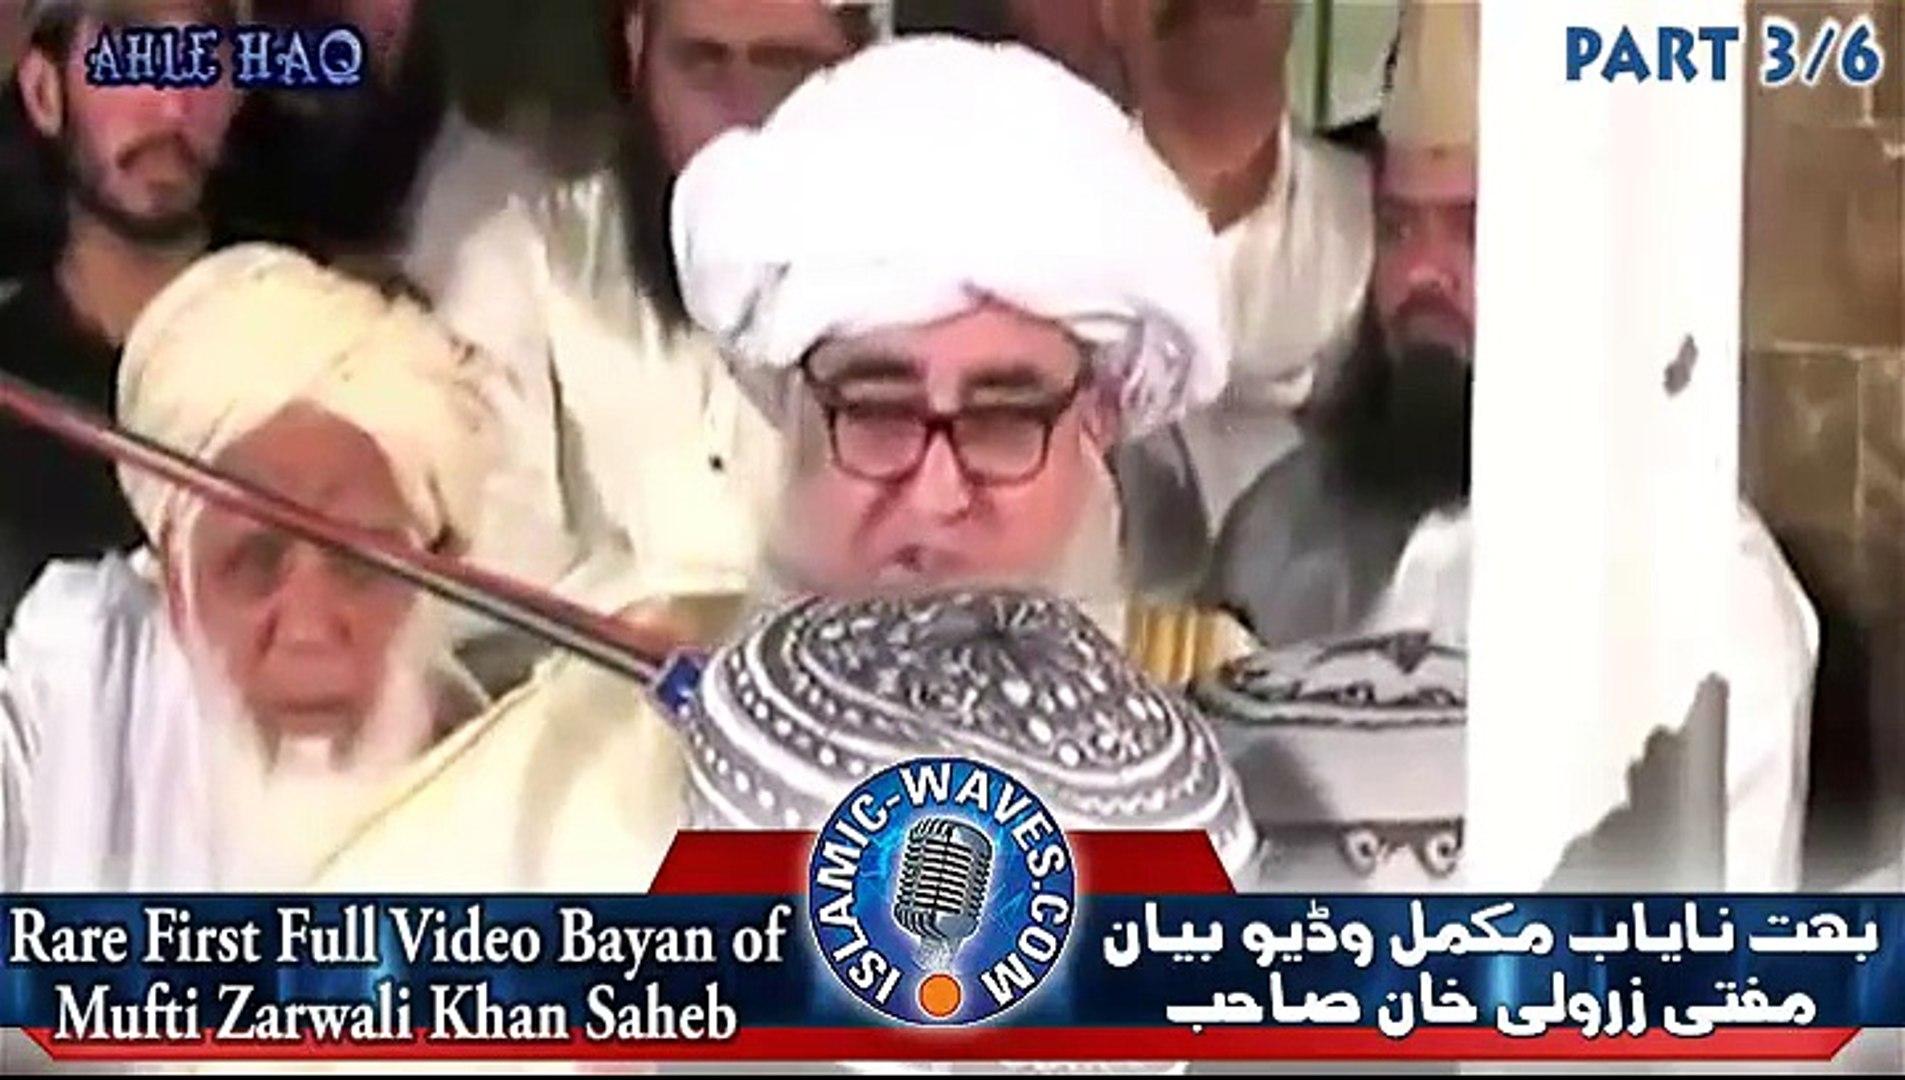 Zar Wali Khan